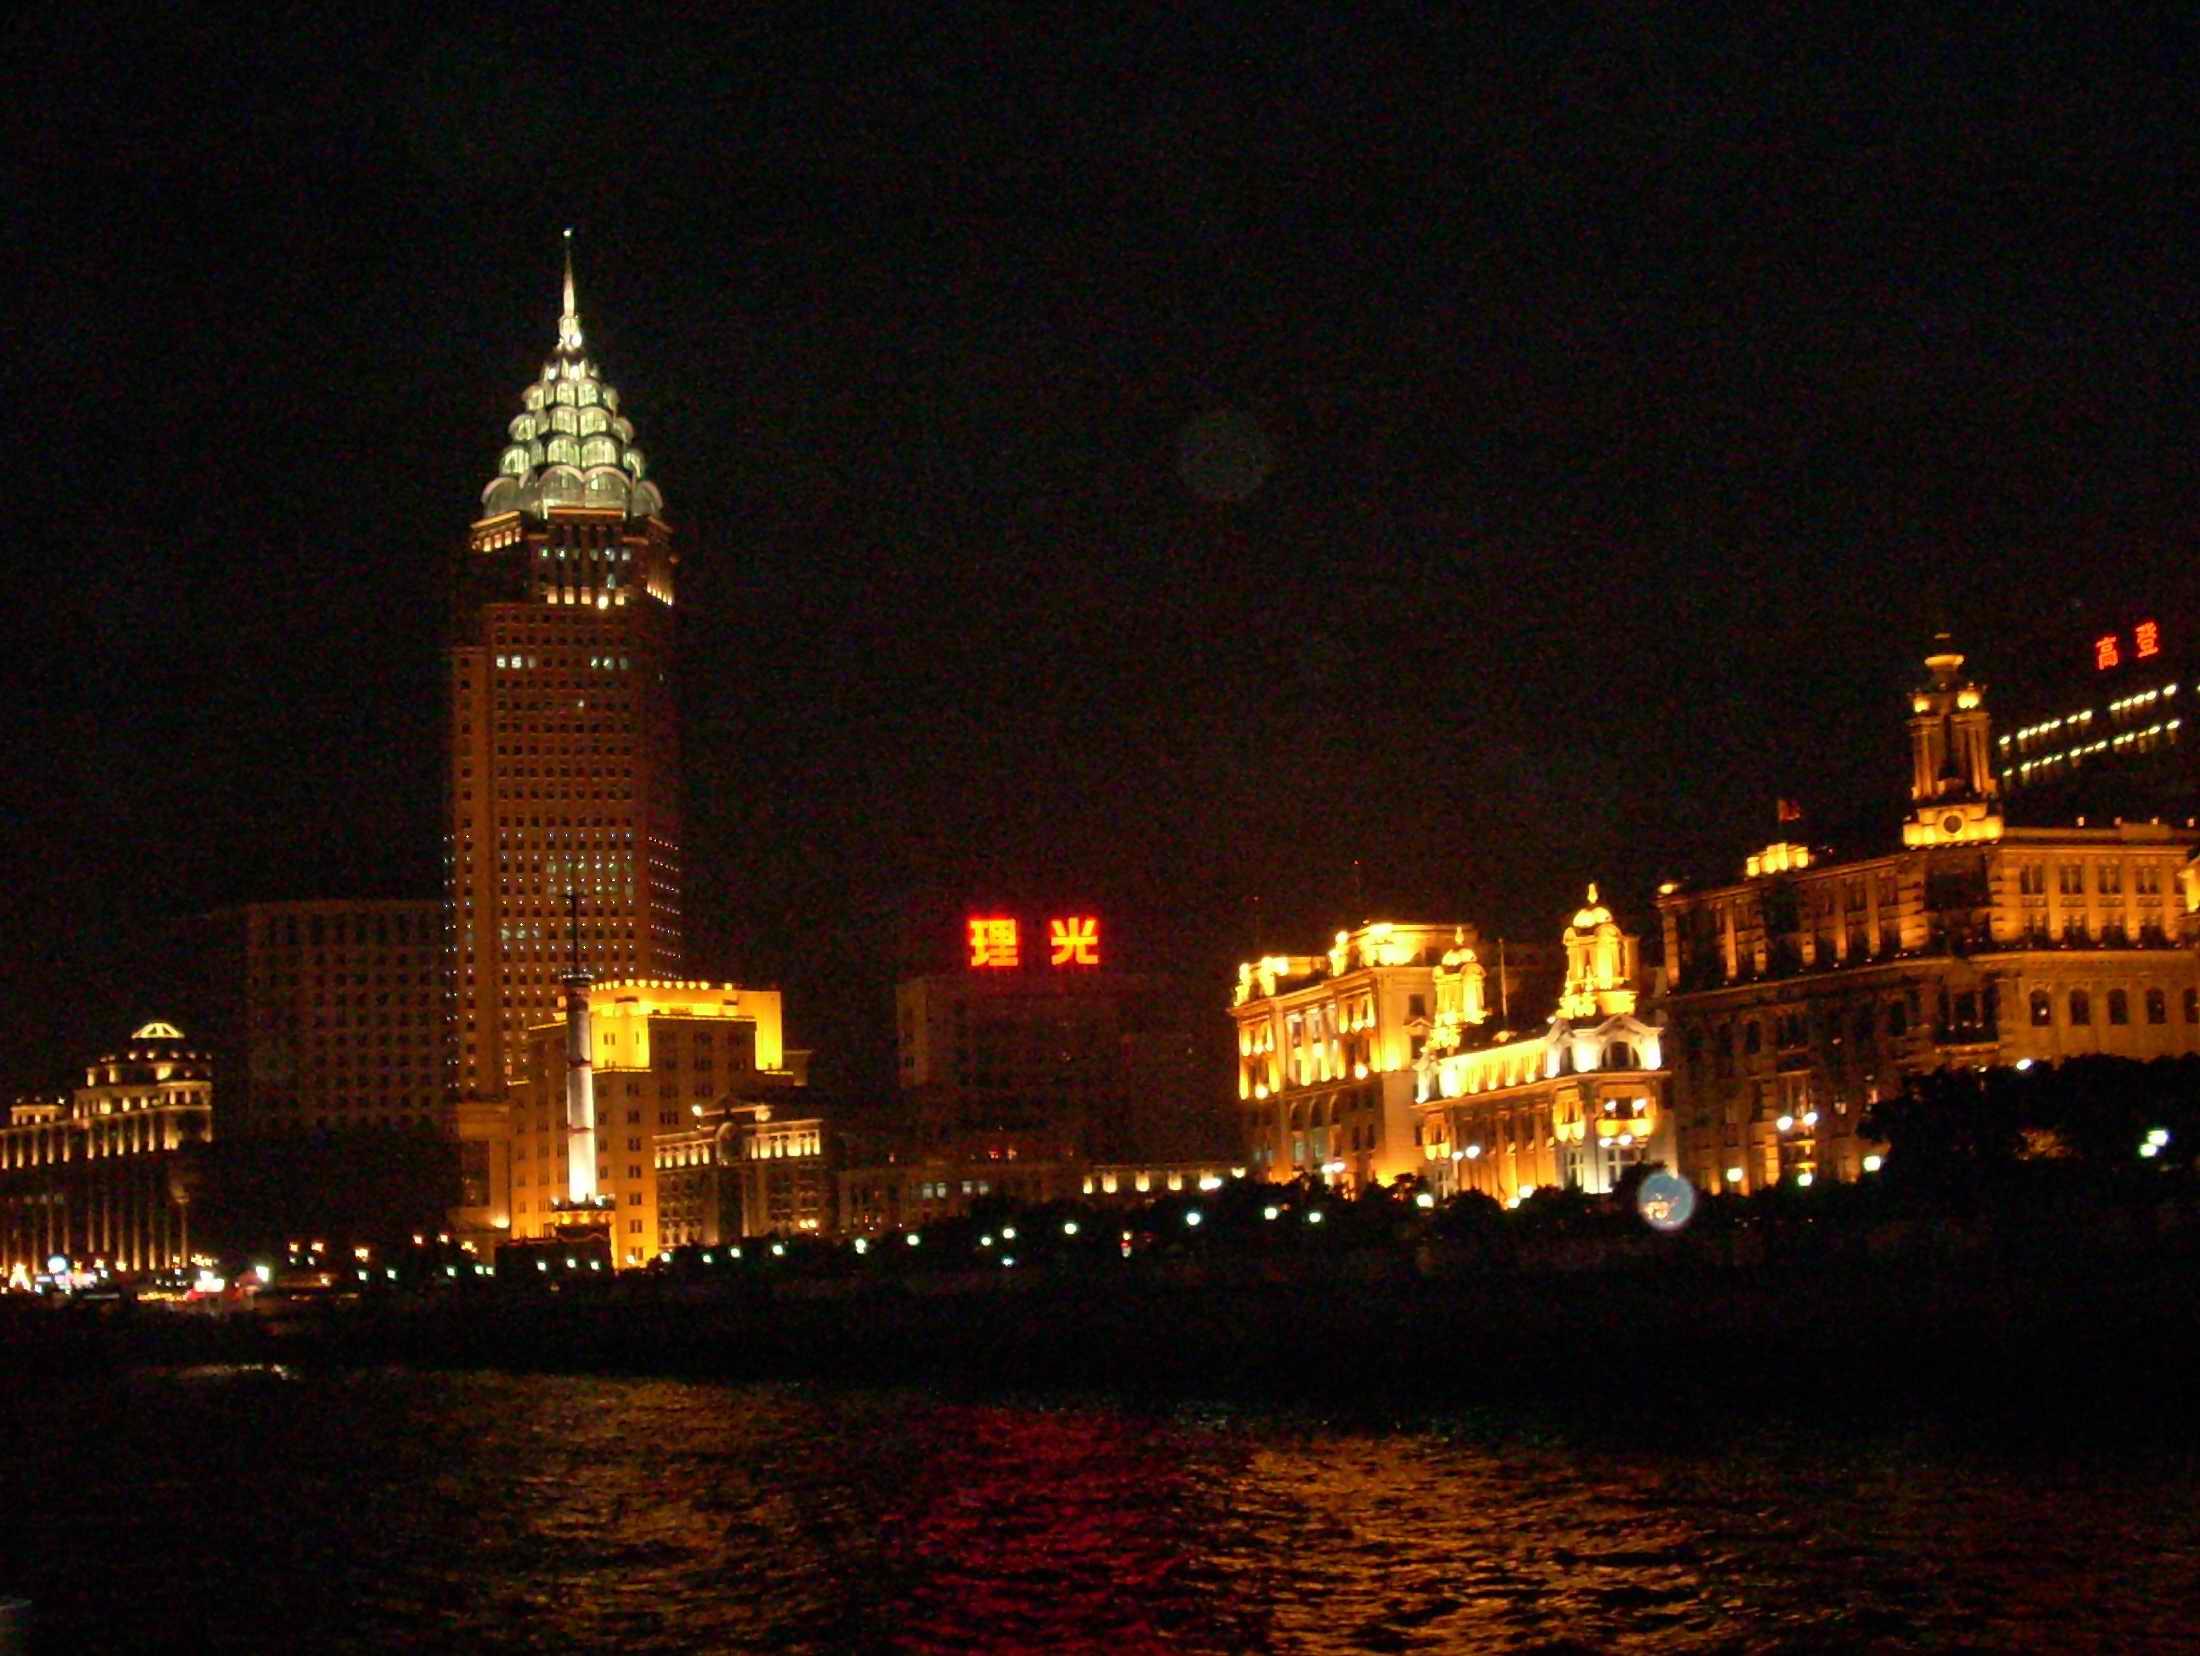 双亲上海苏州杭州行照片二组二 - lqp206 - 茶然居士的博客